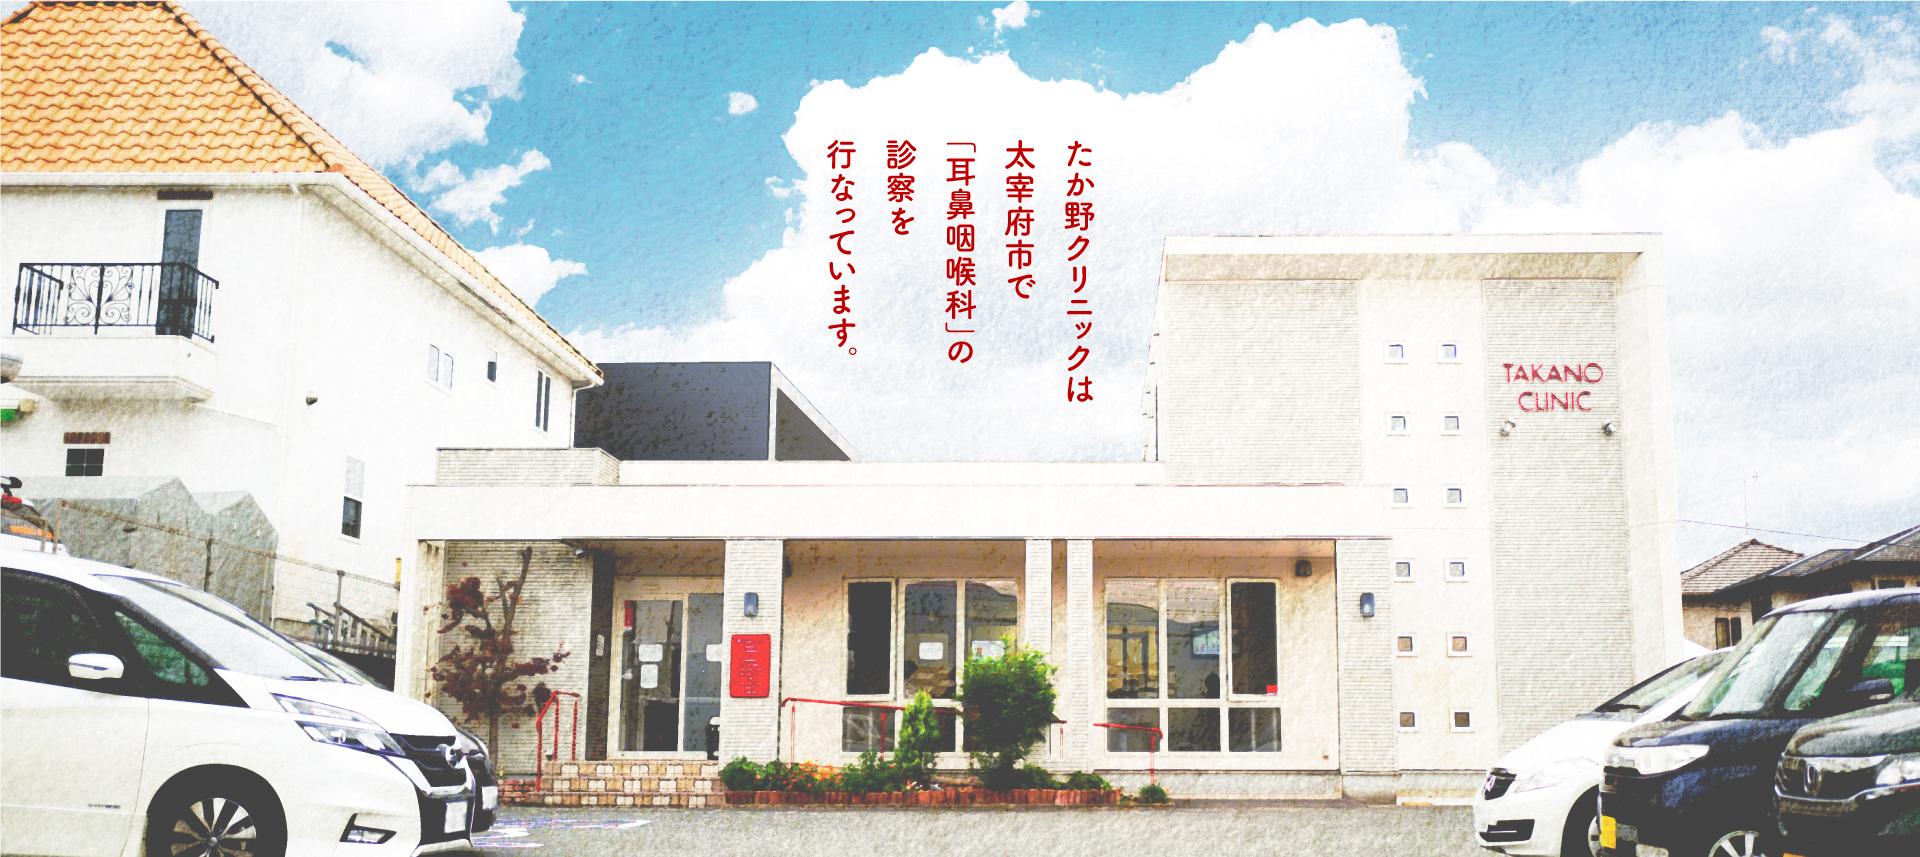 たか野クリニックは太宰府市で「耳」「鼻」「のど」の診察を行なっています。